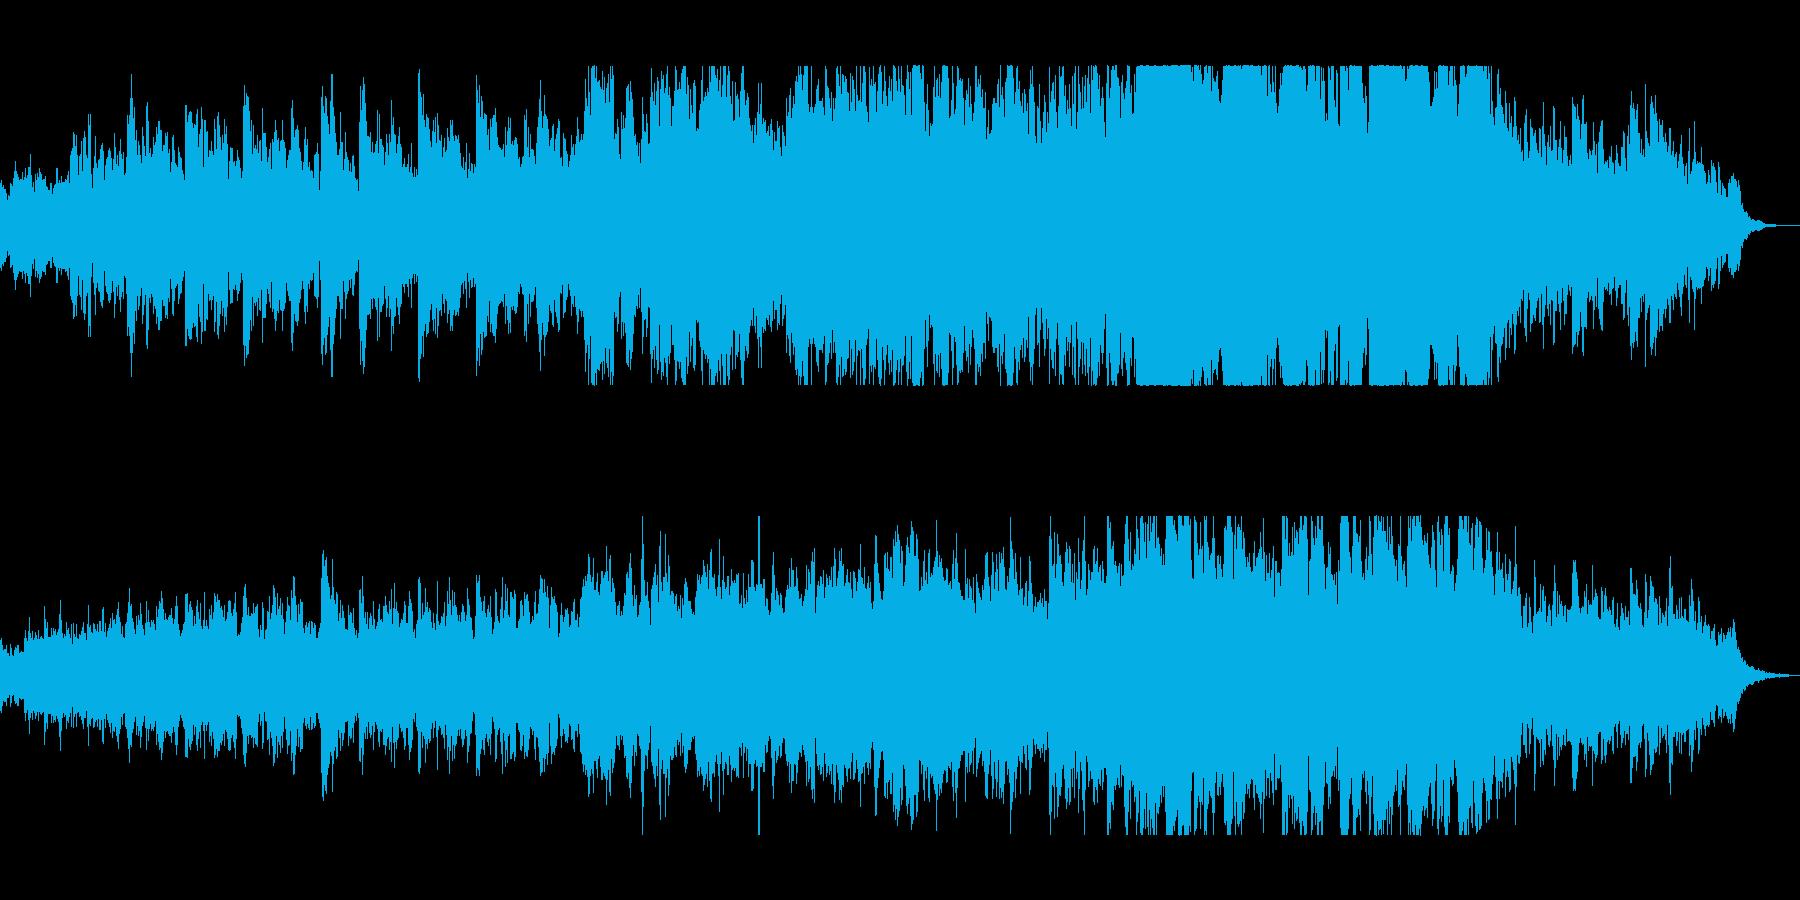 ハープの透明感のある音色が特徴のバラードの再生済みの波形